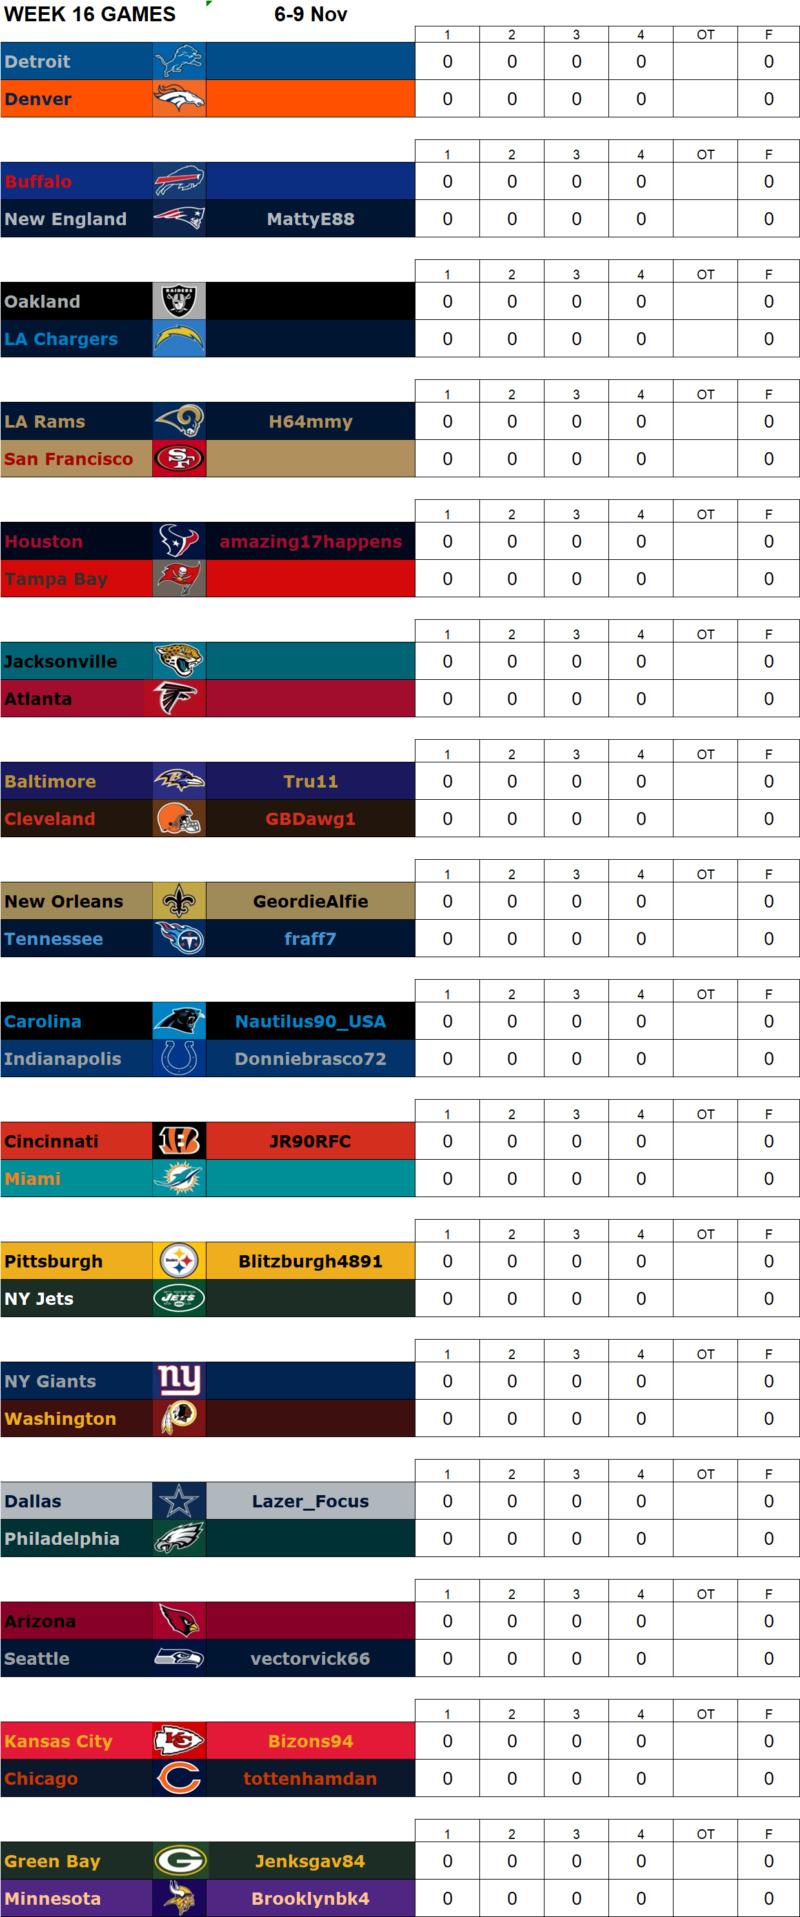 Week 16 Matchups, 6th - 9th November W16g19